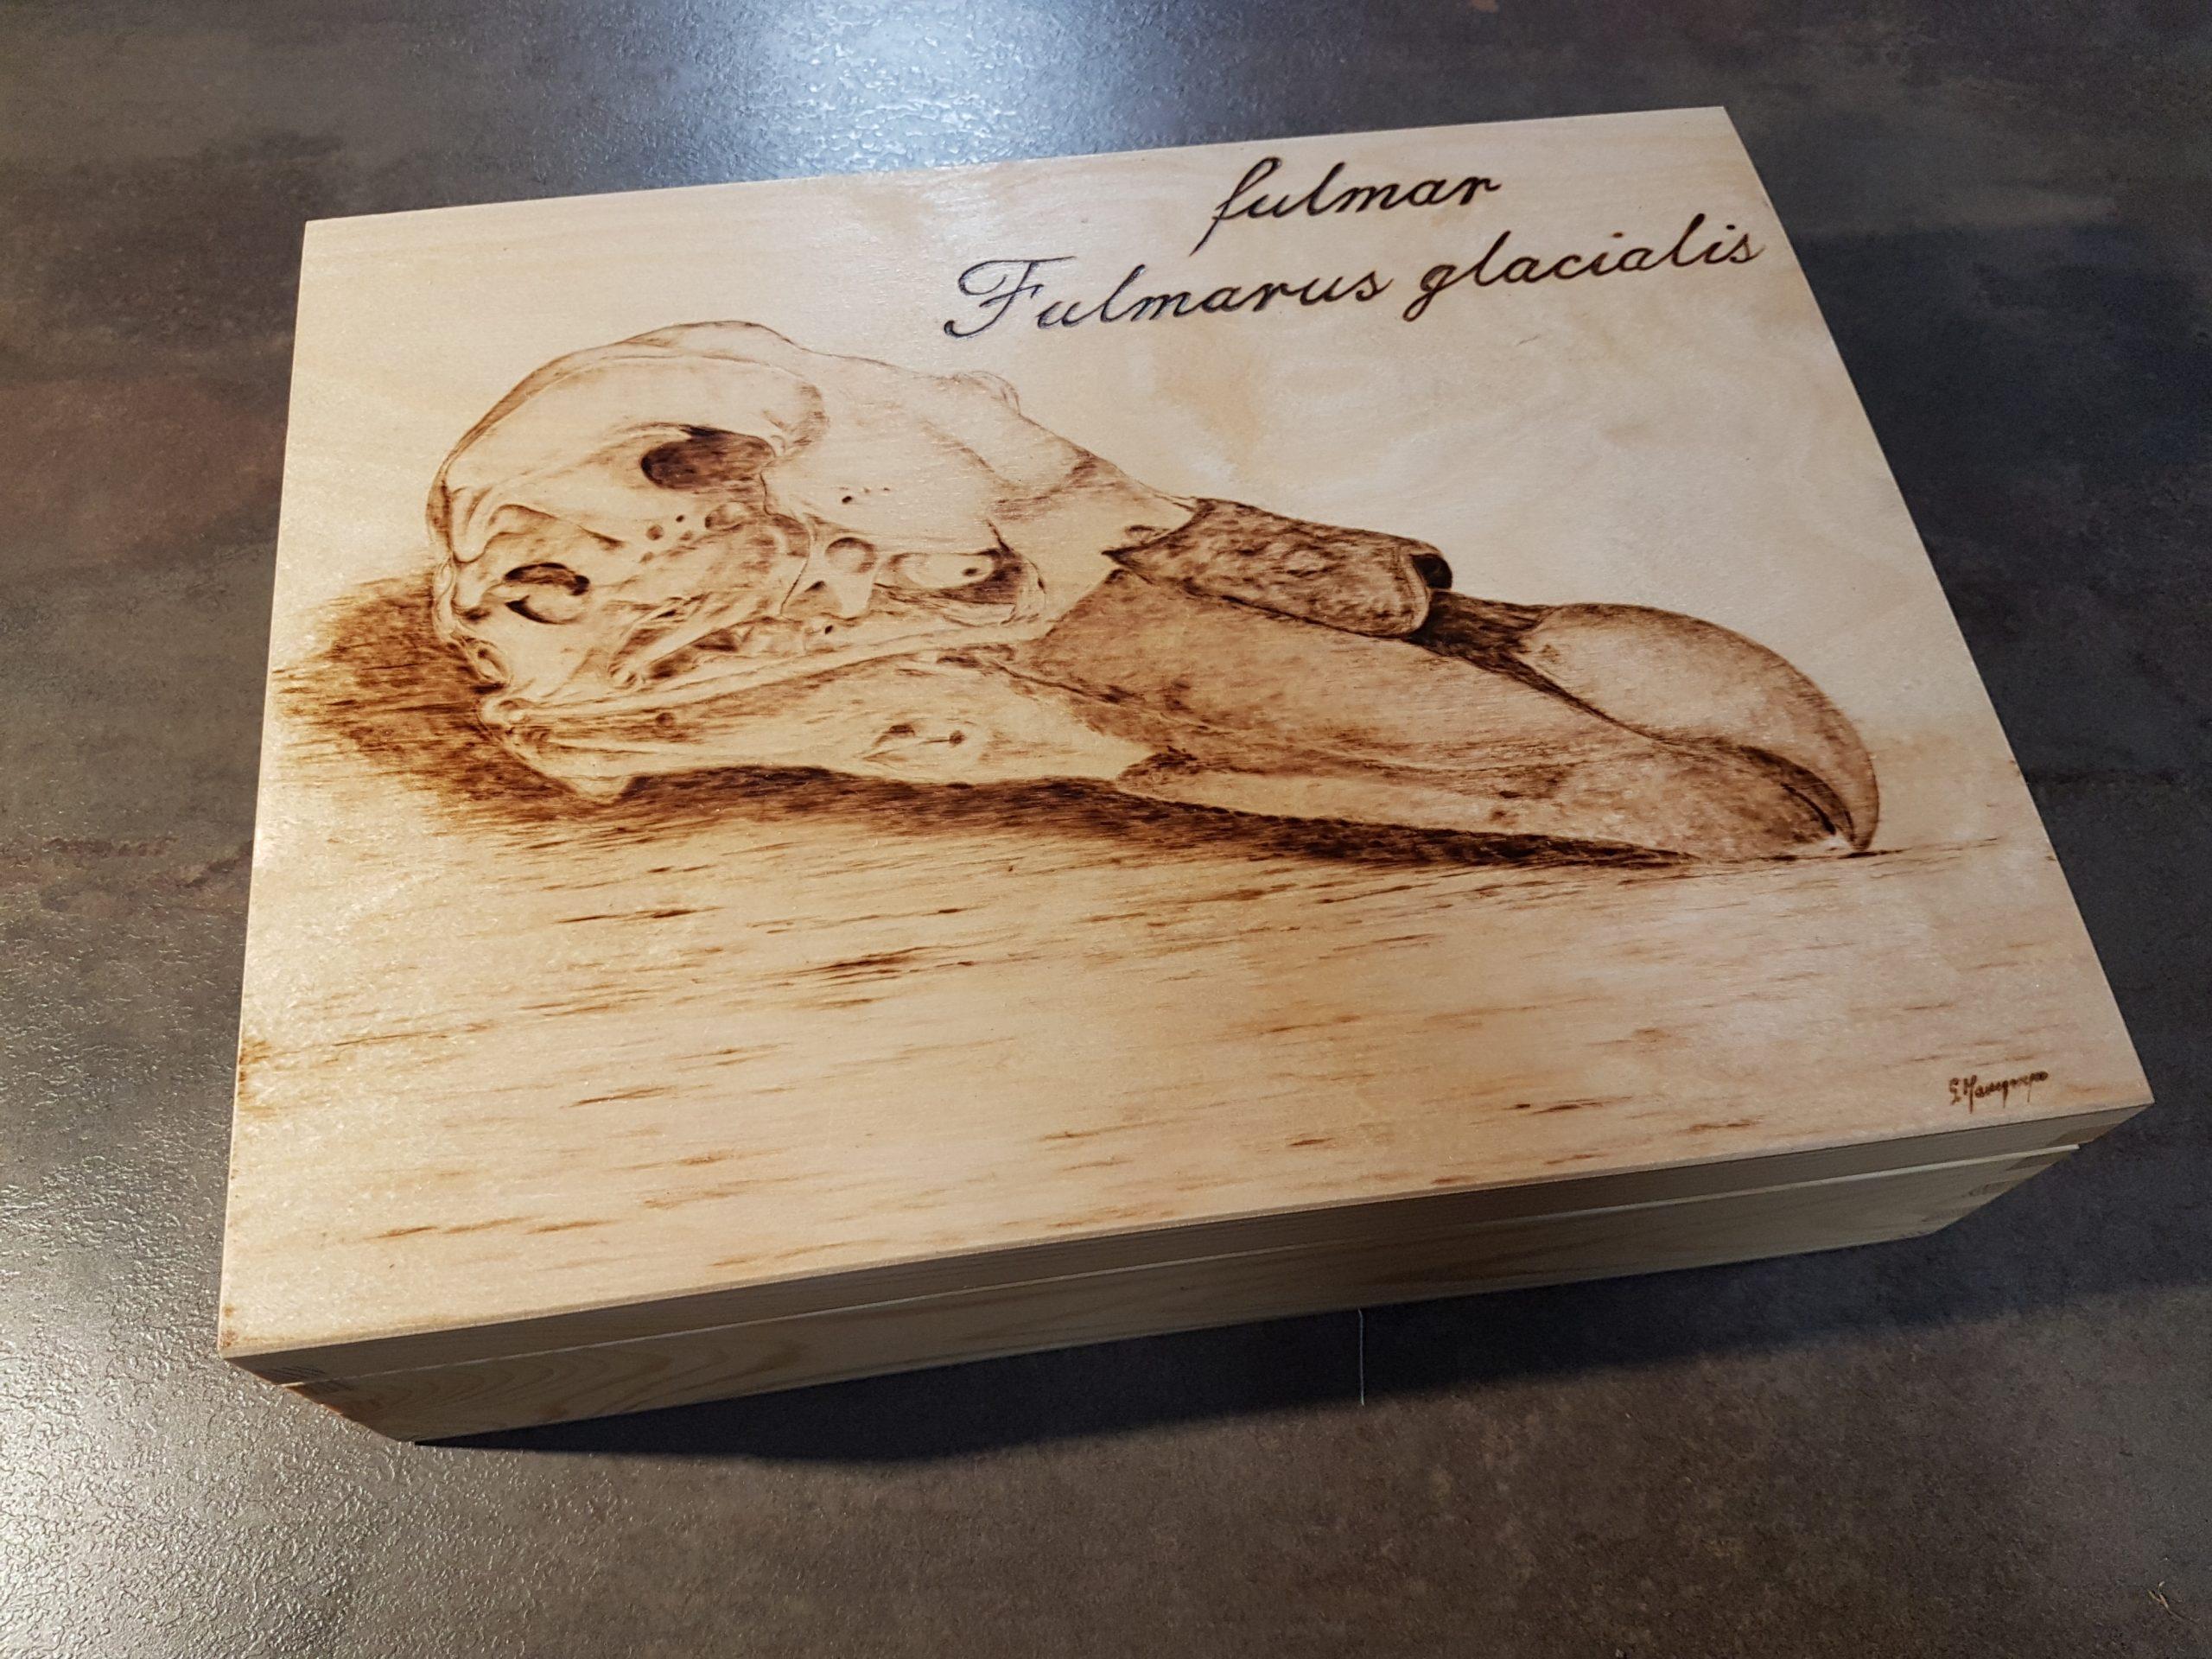 wypalanie w drewnie, sylwia, pirografia, janczyszyn, pyrography, handmade, rękodzieło, pomysł na prezent, pudełko, czaszka fulmara